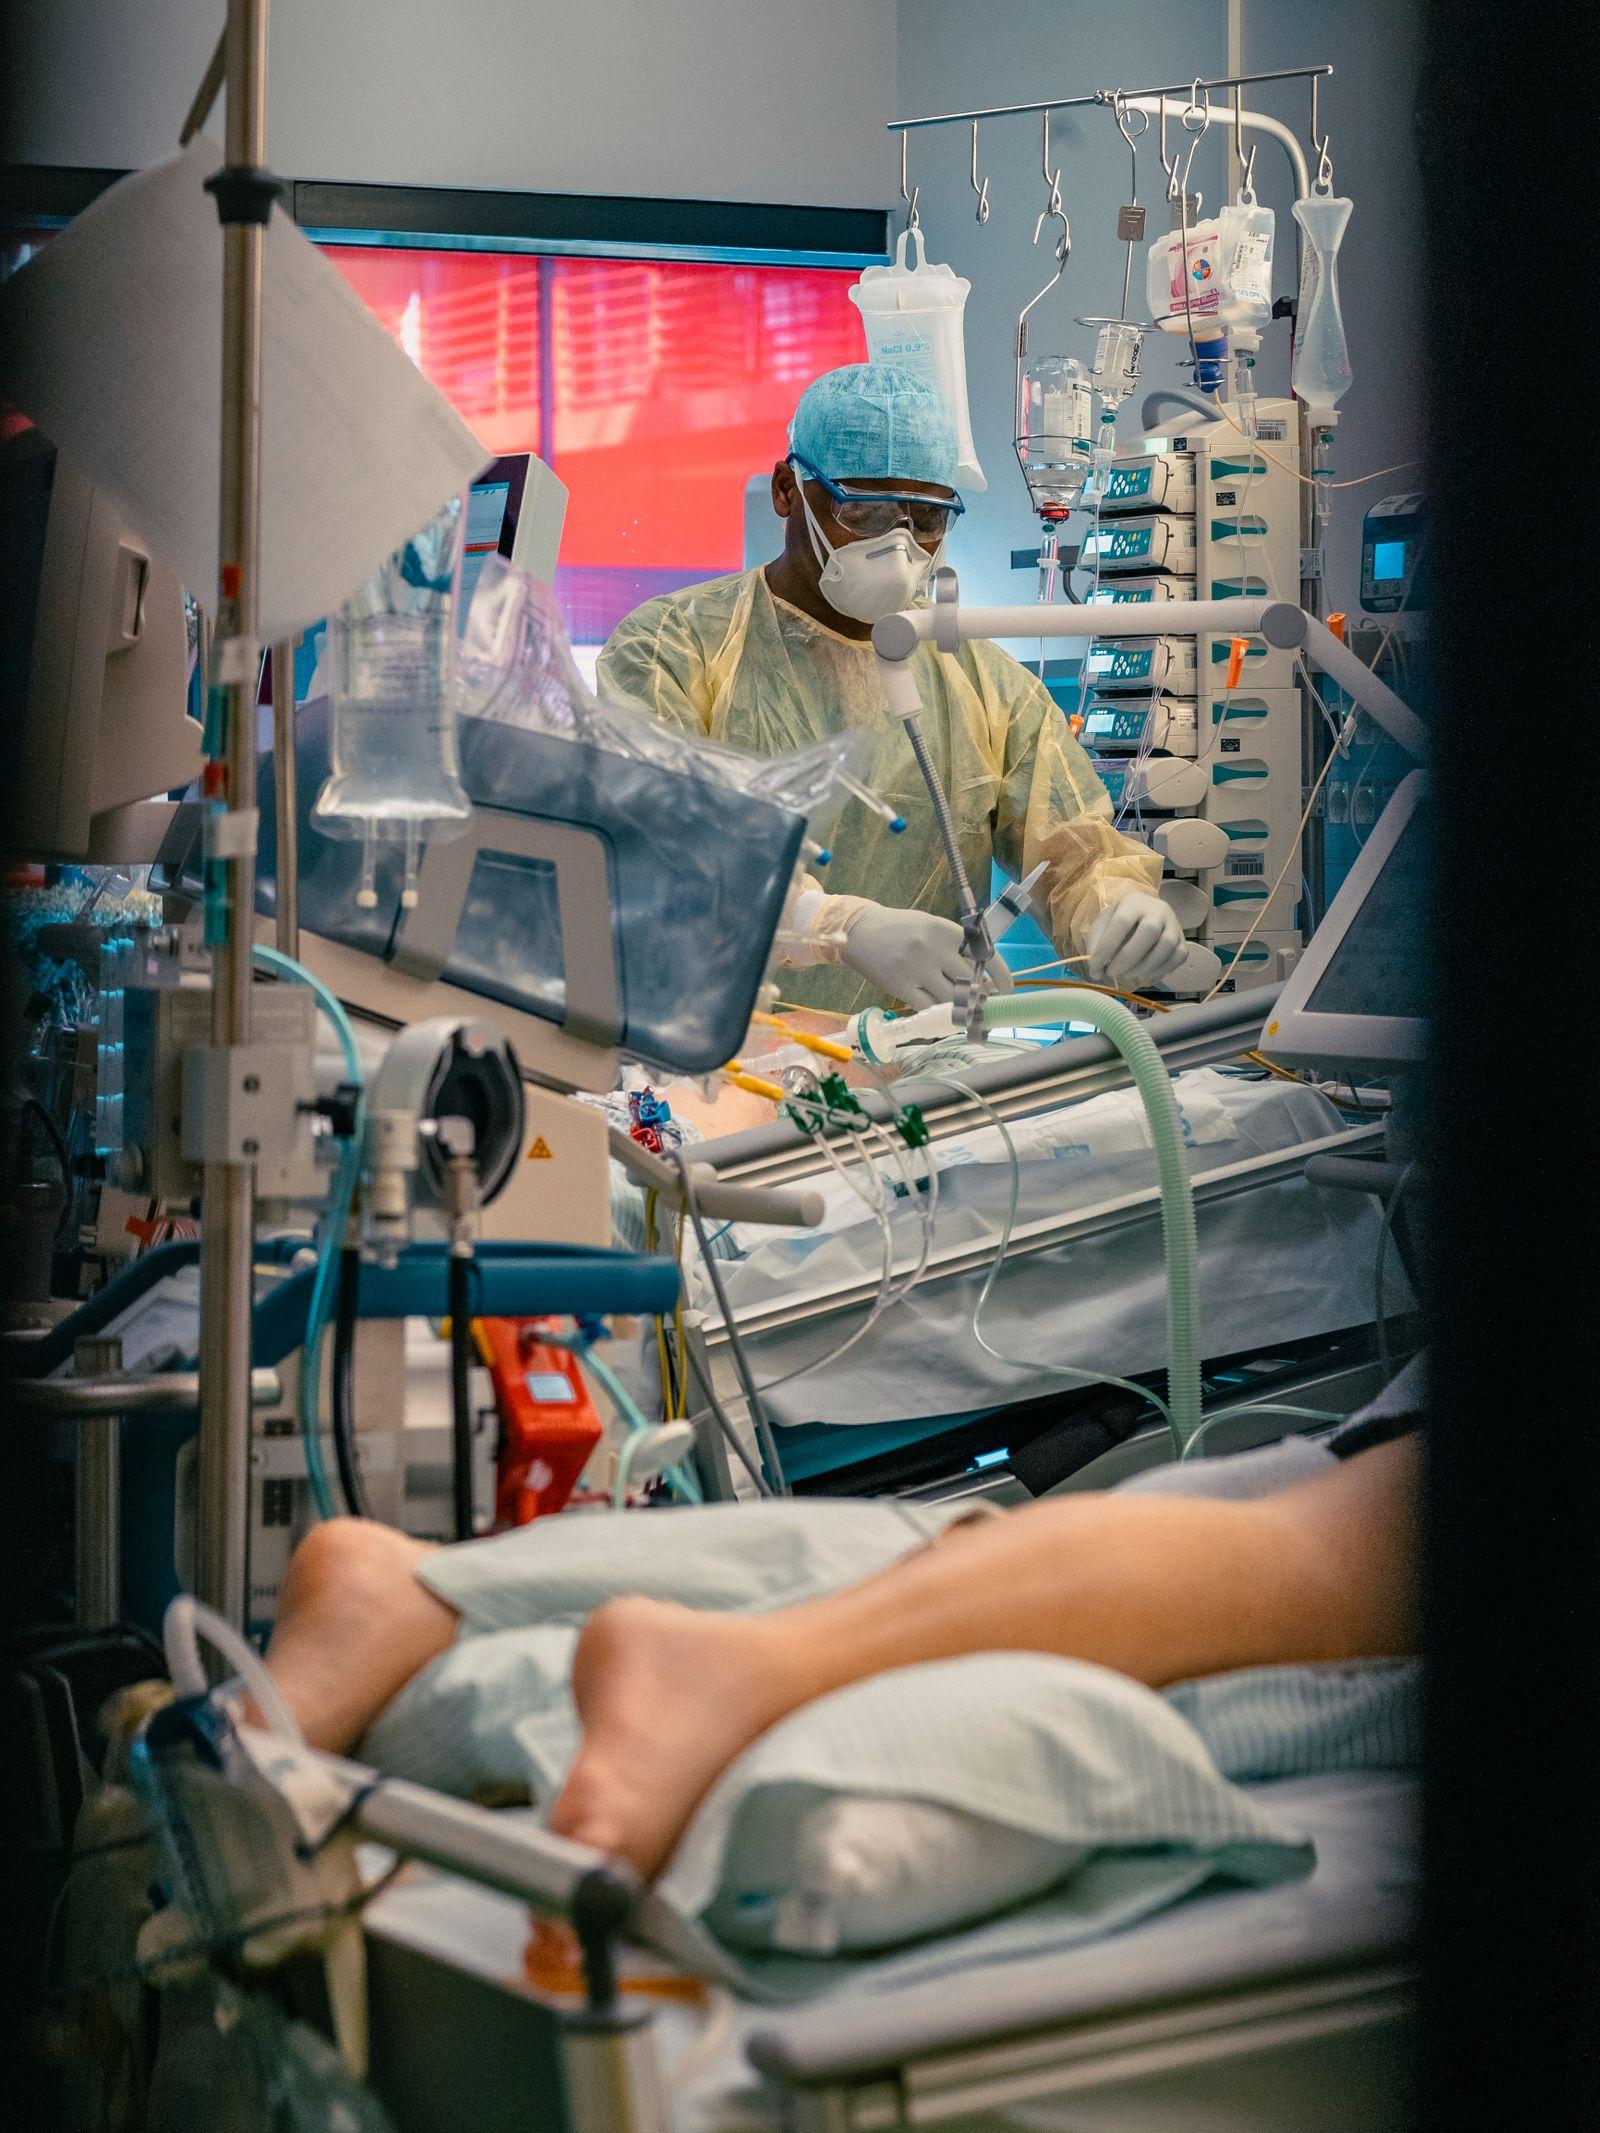 Pflege von einem covid-19 Patienten